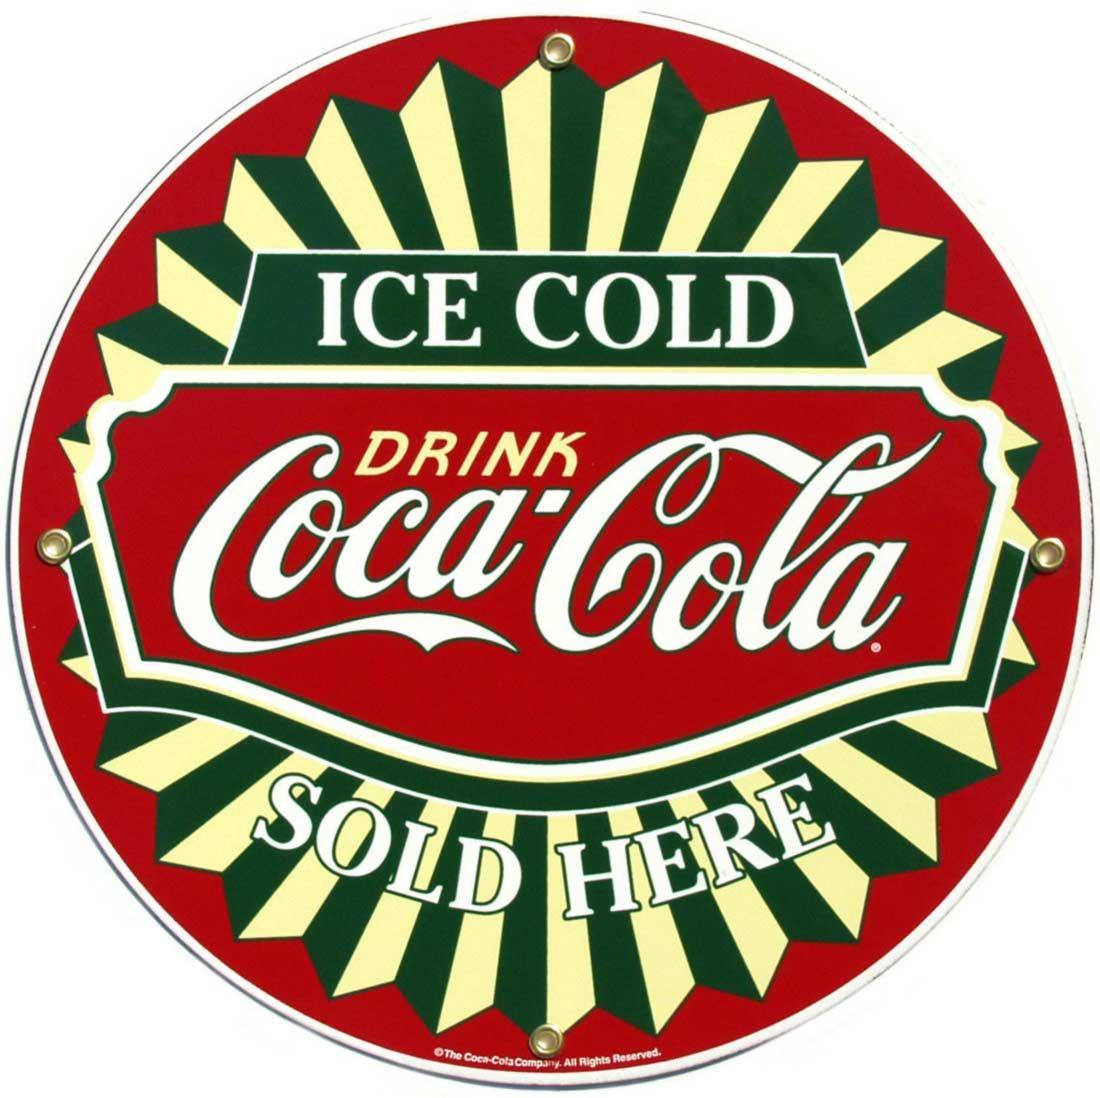 vintage coke logo images galleries with a bite. Black Bedroom Furniture Sets. Home Design Ideas